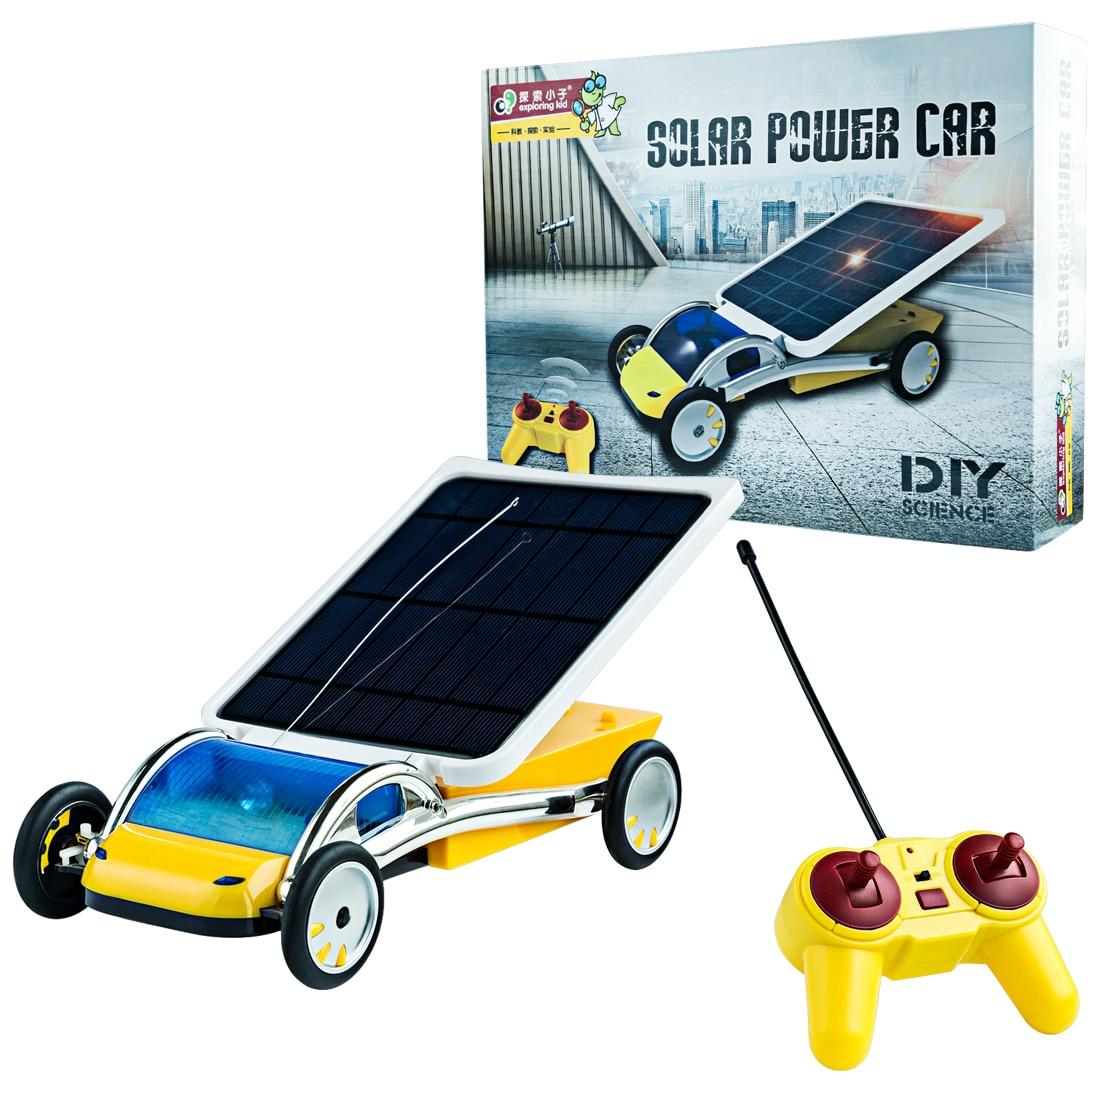 Surwish enfants jouet voiture expérience Science Kits éducatifs pour les enfants apprentissage des compétences scientifiques